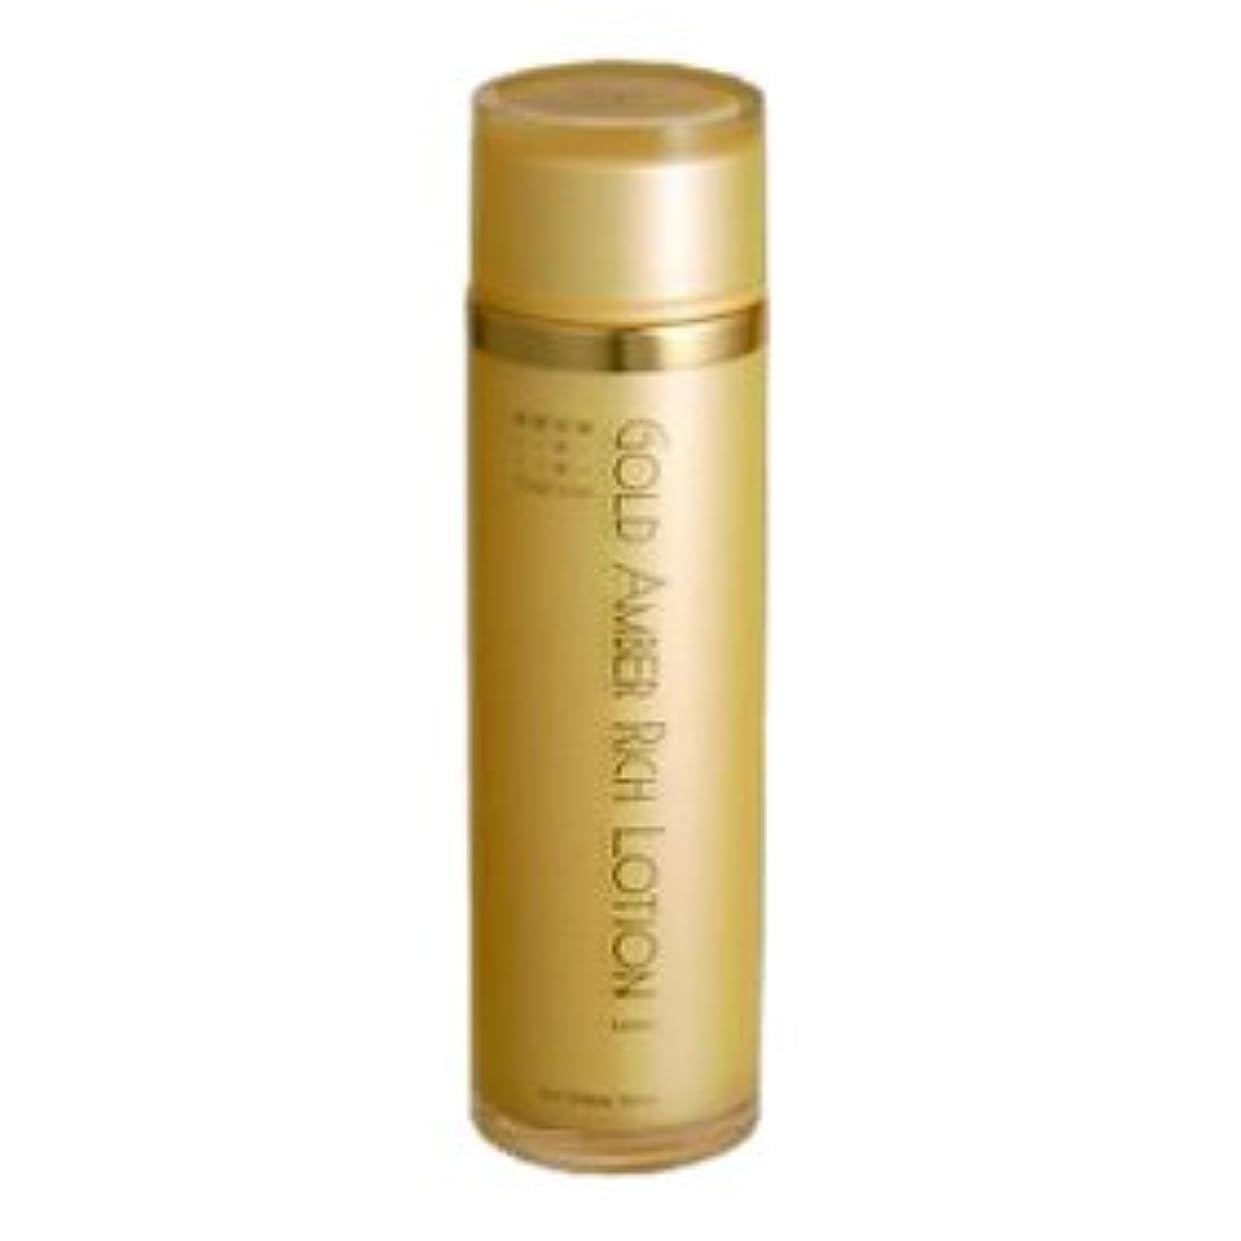 コウモリ毒性香港コスメプラウド ゴールドアンバーリッチローション120ml(化粧水)